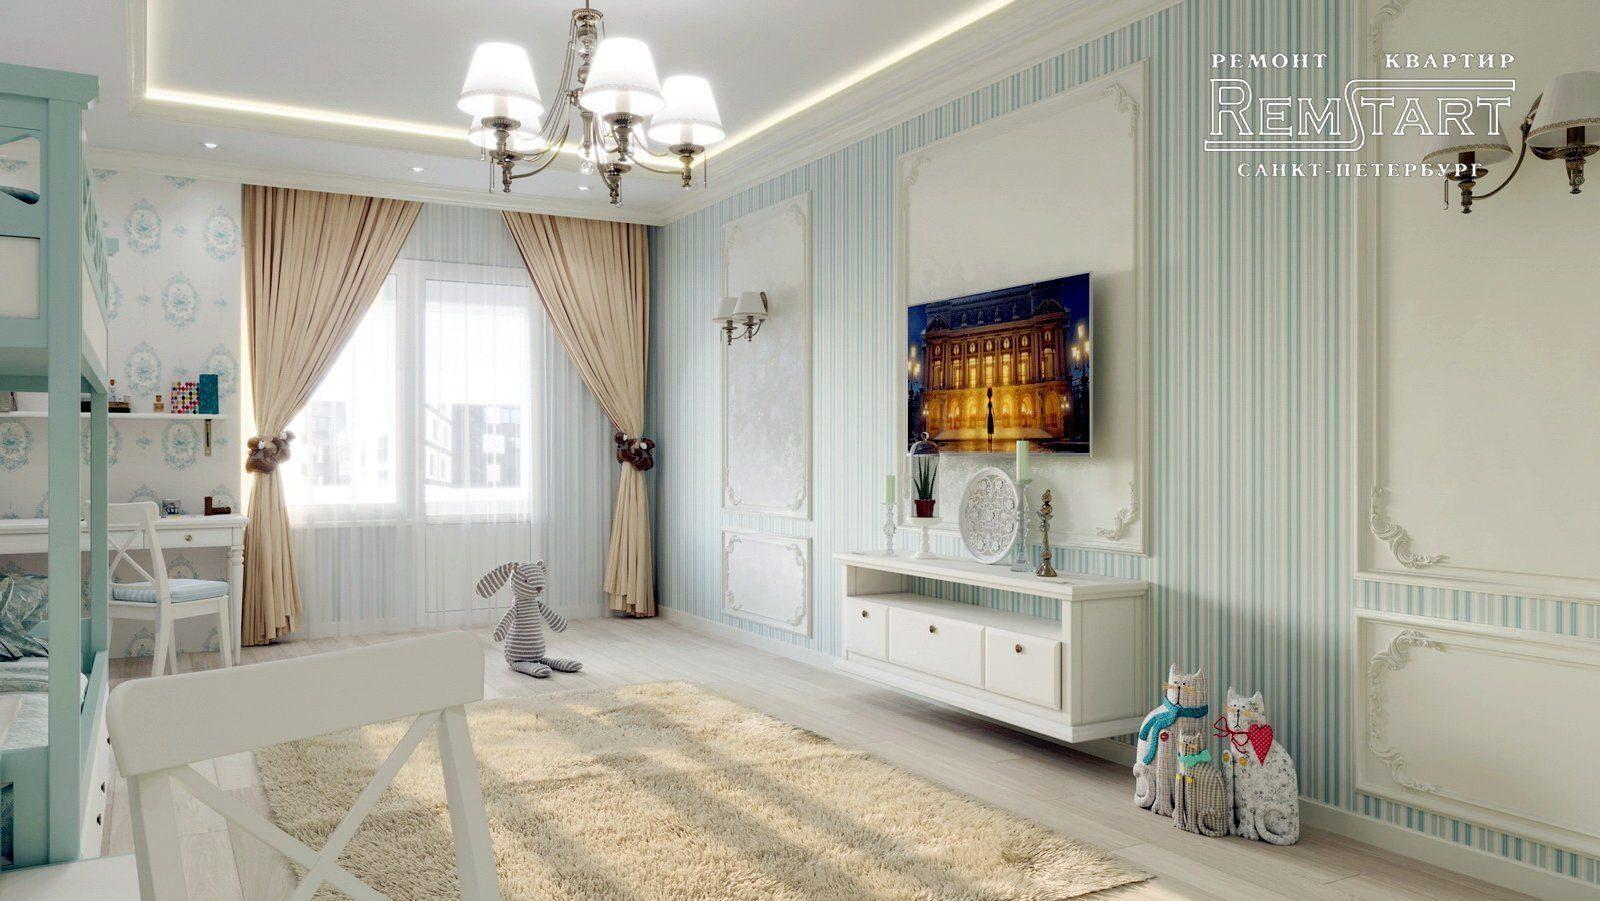 Царская Столица дизайн и ремонт квартиры СПБ